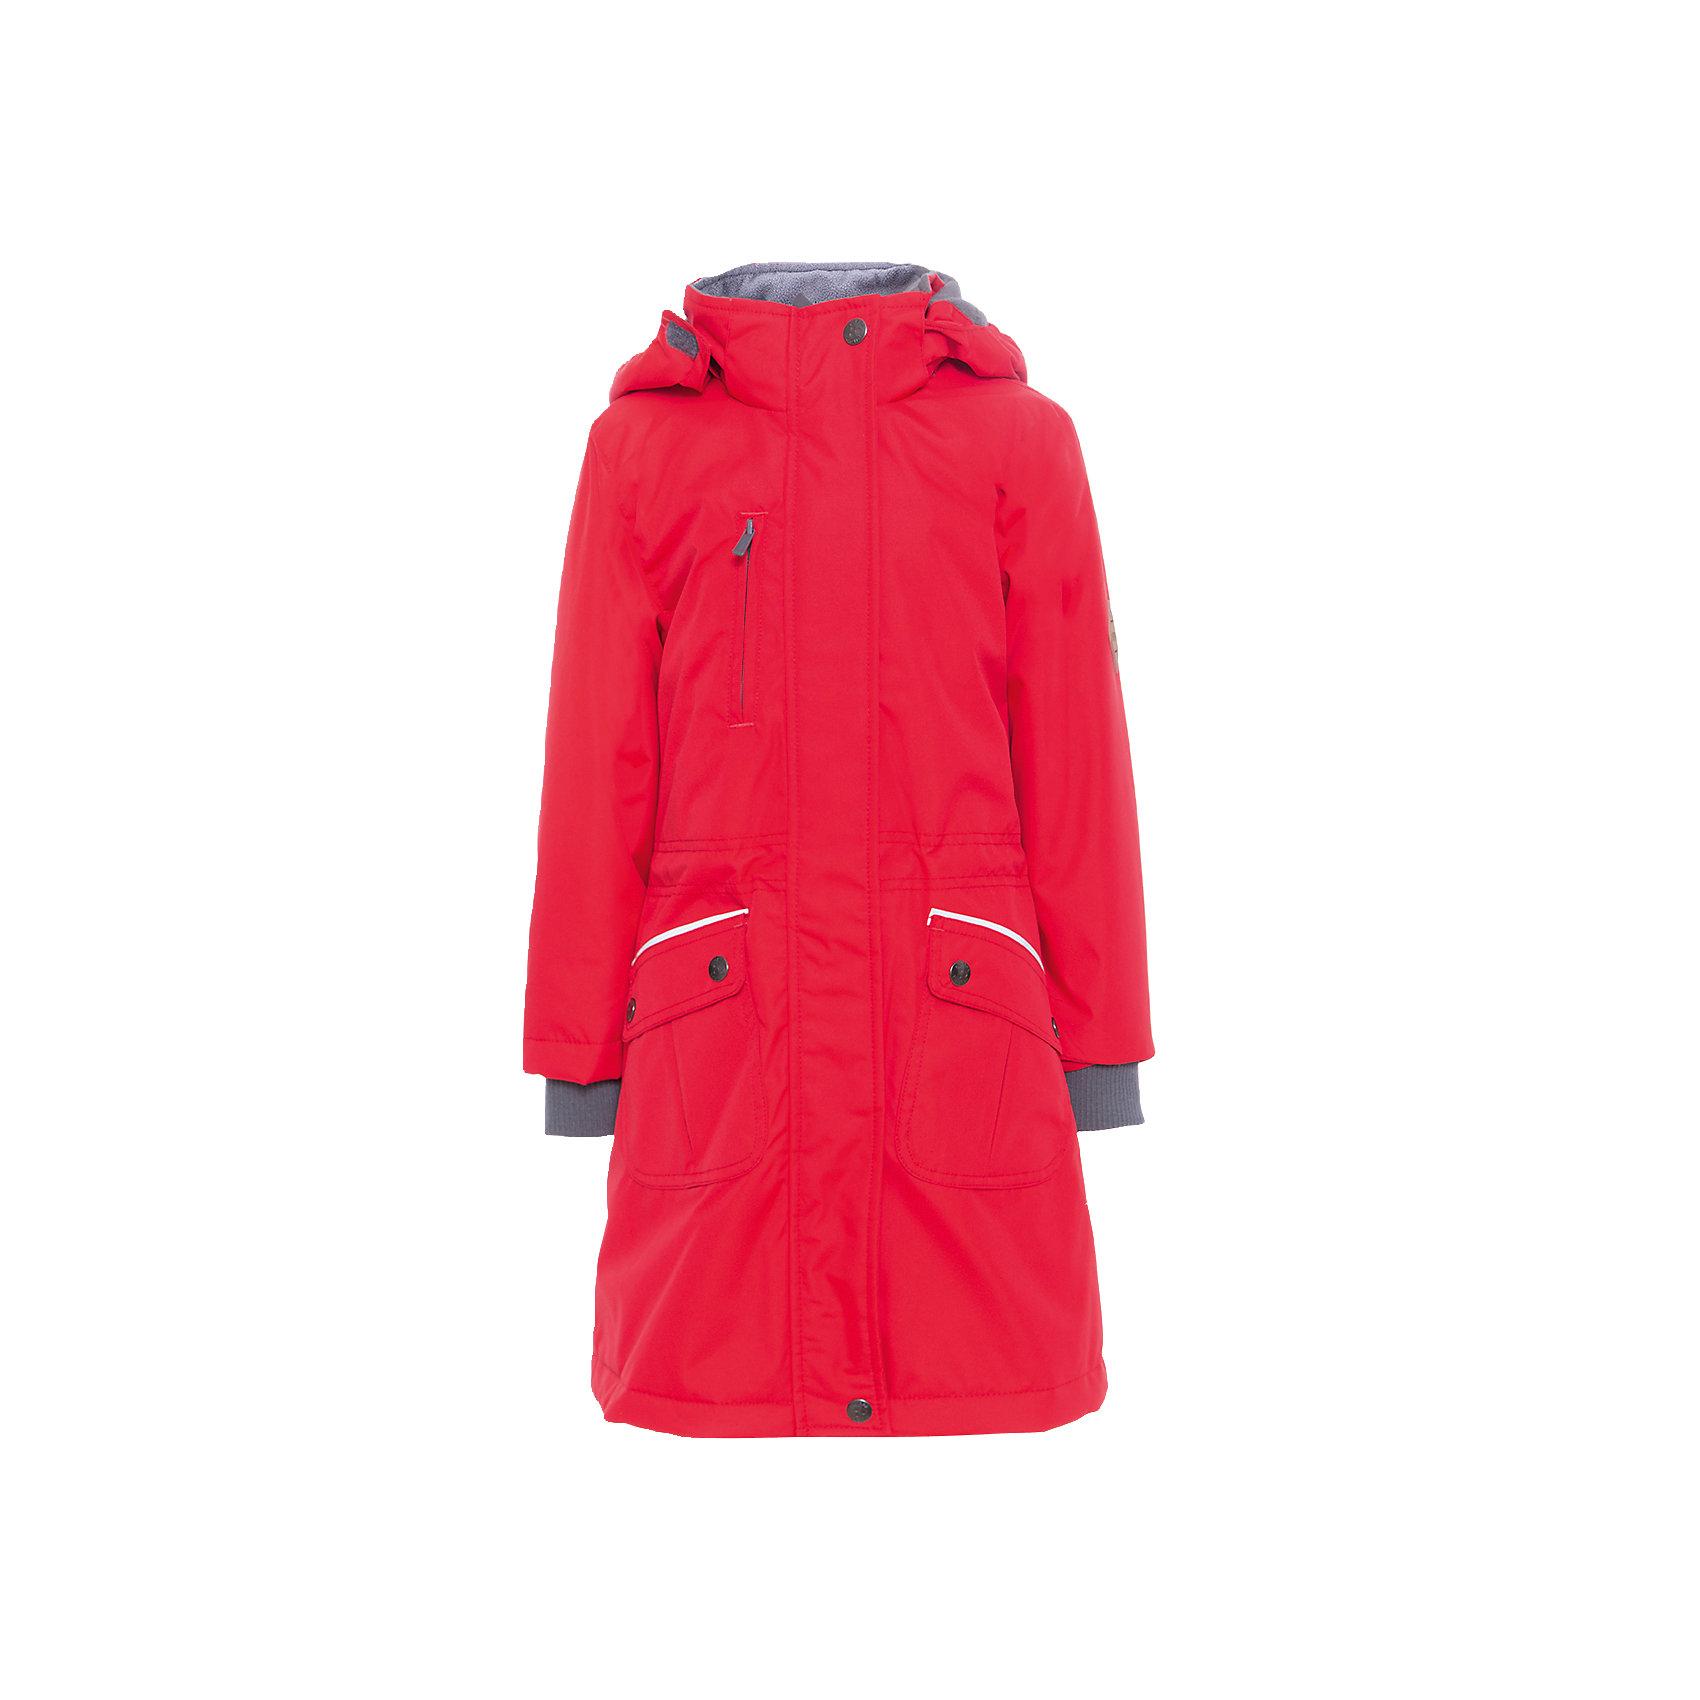 Куртка для девочки MOONI HuppaВерхняя одежда<br>Характеристики товара:<br><br>• цвет: красный<br>• ткань: 100% полиэстер<br>• подкладка: тафта- 100% полиэстер<br>• утеплитель: 100% полиэстер 100 г<br>• температурный режим: от -5°С до +10°С<br>• водонепроницаемость: 10000 мм<br>• воздухопроницаемость: 10000 мм<br>• светоотражающие детали<br>• внутренние вязанные манжеты<br>• плечевые швы проклеены<br>• эластичный шнур + фиксатор<br>• съёмный капюшон с резинкой<br>• карманы на молнии<br>• комфортная посадка<br>• коллекция: весна-лето 2017<br>• страна бренда: Эстония<br><br>Такая легкая и стильная куртка обеспечит детям тепло и комфорт. Она сделана из материала, отталкивающего воду, и дополнено подкладкой с утеплителем, поэтому изделие идеально подходит для межсезонья. Материал изделия - с мембранной технологией: защищая от влаги и ветра, он легко выводит лишнюю влагу наружу. Для удобства сделан капюшон. Куртка очень симпатично смотрится, яркая расцветка и крой добавляют ему оригинальности. Модель была разработана специально для детей.<br><br>Одежда и обувь от популярного эстонского бренда Huppa - отличный вариант одеть ребенка можно и комфортно. Вещи, выпускаемые компанией, качественные, продуманные и очень удобные. Для производства изделий используются только безопасные для детей материалы. Продукция от Huppa порадует и детей, и их родителей!<br><br>Куртку для девочки MOONI от бренда Huppa (Хуппа) можно купить в нашем интернет-магазине.<br><br>Ширина мм: 356<br>Глубина мм: 10<br>Высота мм: 245<br>Вес г: 519<br>Цвет: красный<br>Возраст от месяцев: 60<br>Возраст до месяцев: 72<br>Пол: Женский<br>Возраст: Детский<br>Размер: 116,122,128,134,140,146,152,158,104,110<br>SKU: 5346916